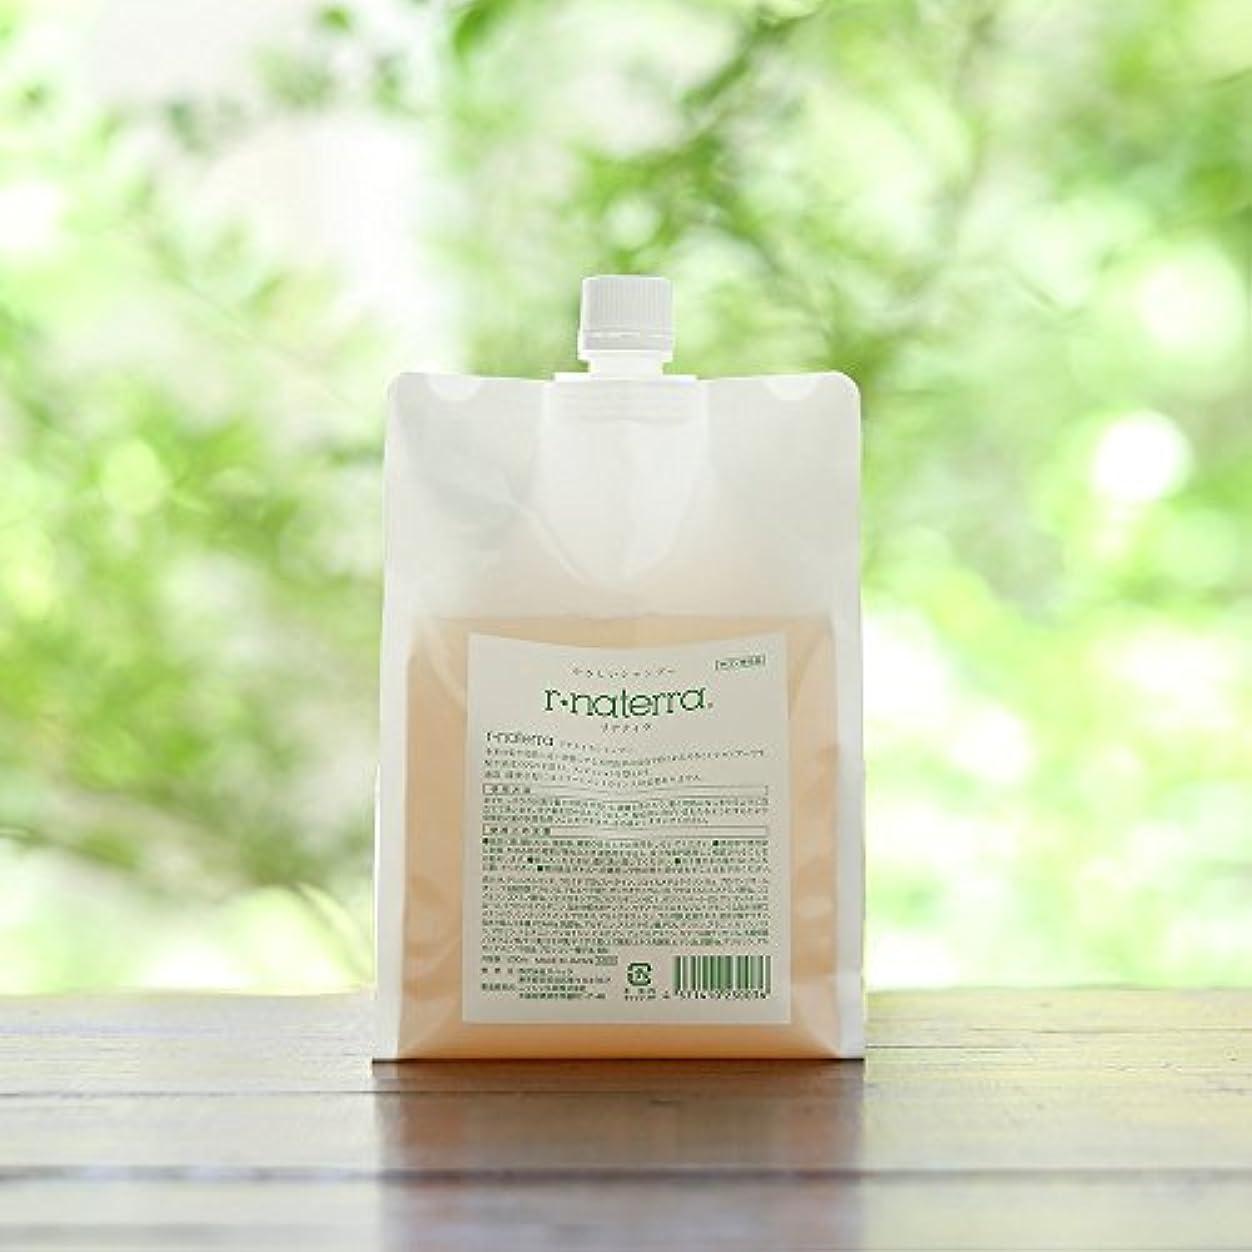 ジャーナリスト思われる奨励植物由来オールインワン自然派シャンプー リナティラ 1000ml ※フルボ酸シャンプー(ノンシリコン)